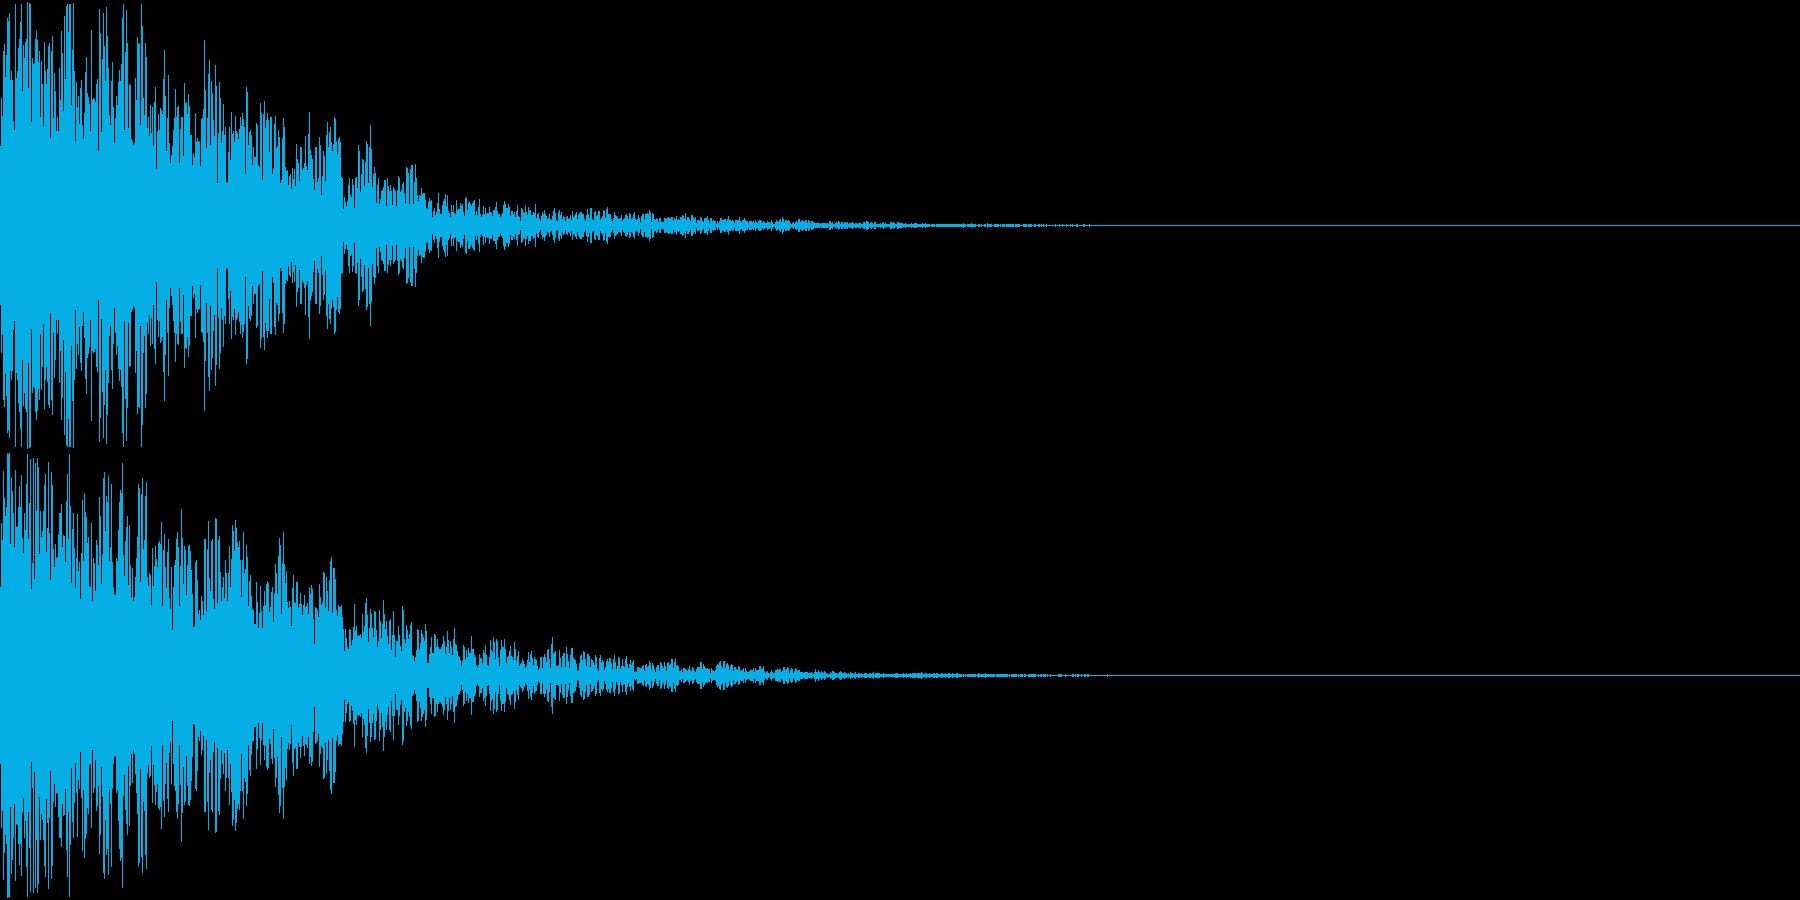 ロボット 合体 ガシーン キュイン 12の再生済みの波形